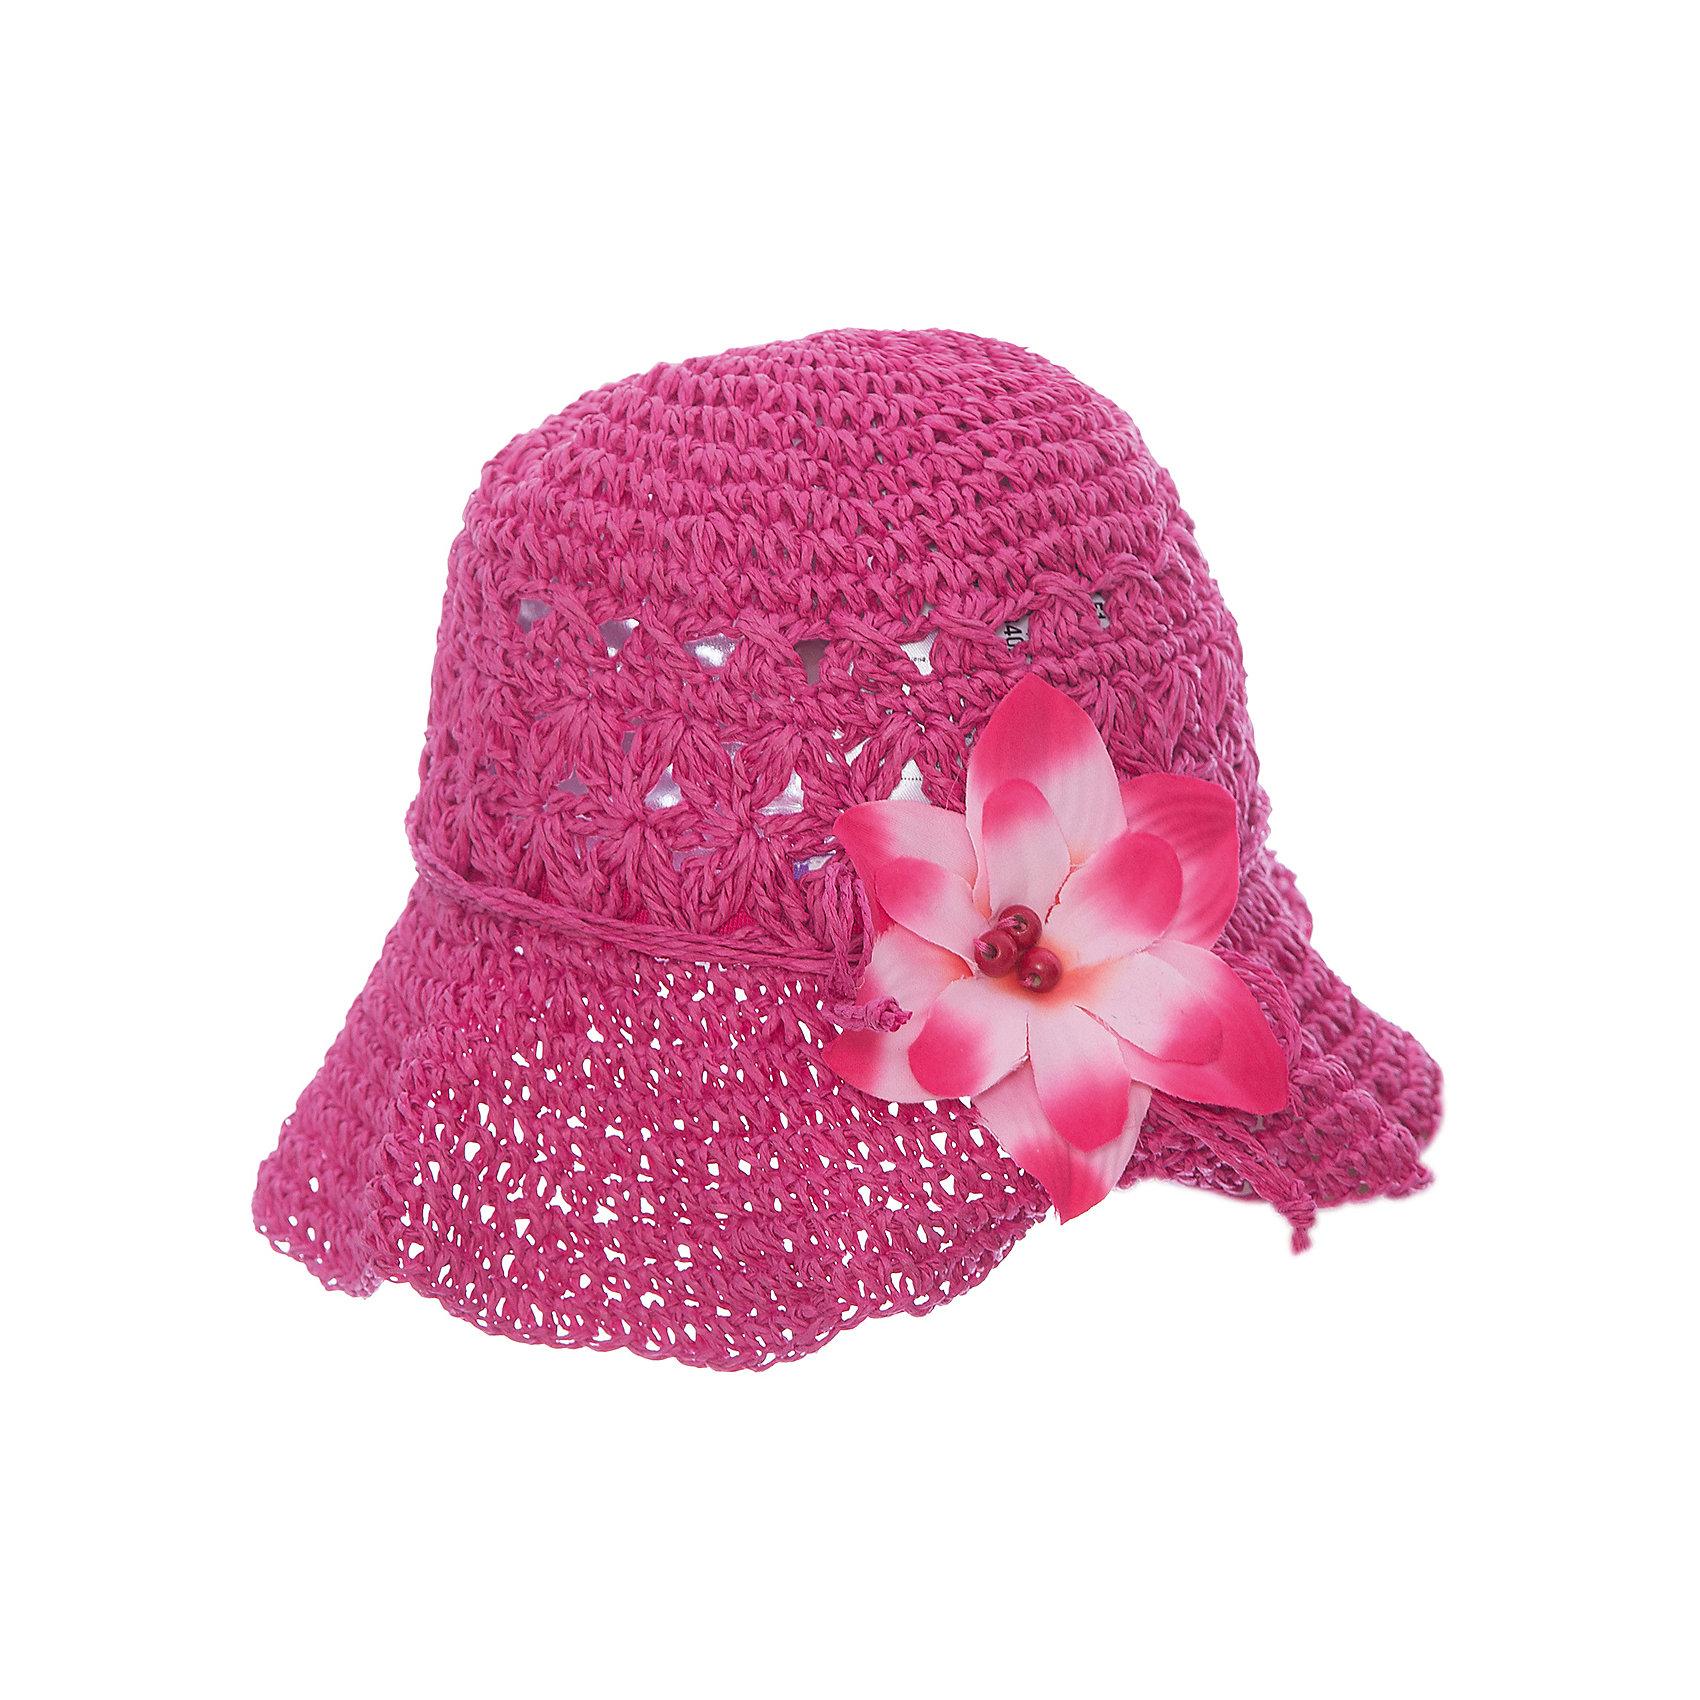 Панама для девочки PlayTodayПанама для девочки PlayToday <br><br>Состав: 100% целлюлоза <br><br>Элегантная шляпа-панама из искусственной соломы <br>Широкие поля <br>Устойчива к деформации, что позволяет сложить ее и носить в сумке <br>Надежно защитит голову ребенка от перегревания, а глаза от попадания прямого солнечного света <br>Расцветка – фуксия <br>Декорирована искусственным цветком<br><br>Ширина мм: 89<br>Глубина мм: 117<br>Высота мм: 44<br>Вес г: 155<br>Цвет: разноцветный<br>Возраст от месяцев: 84<br>Возраст до месяцев: 96<br>Пол: Женский<br>Возраст: Детский<br>Размер: 54,52,50<br>SKU: 4503401